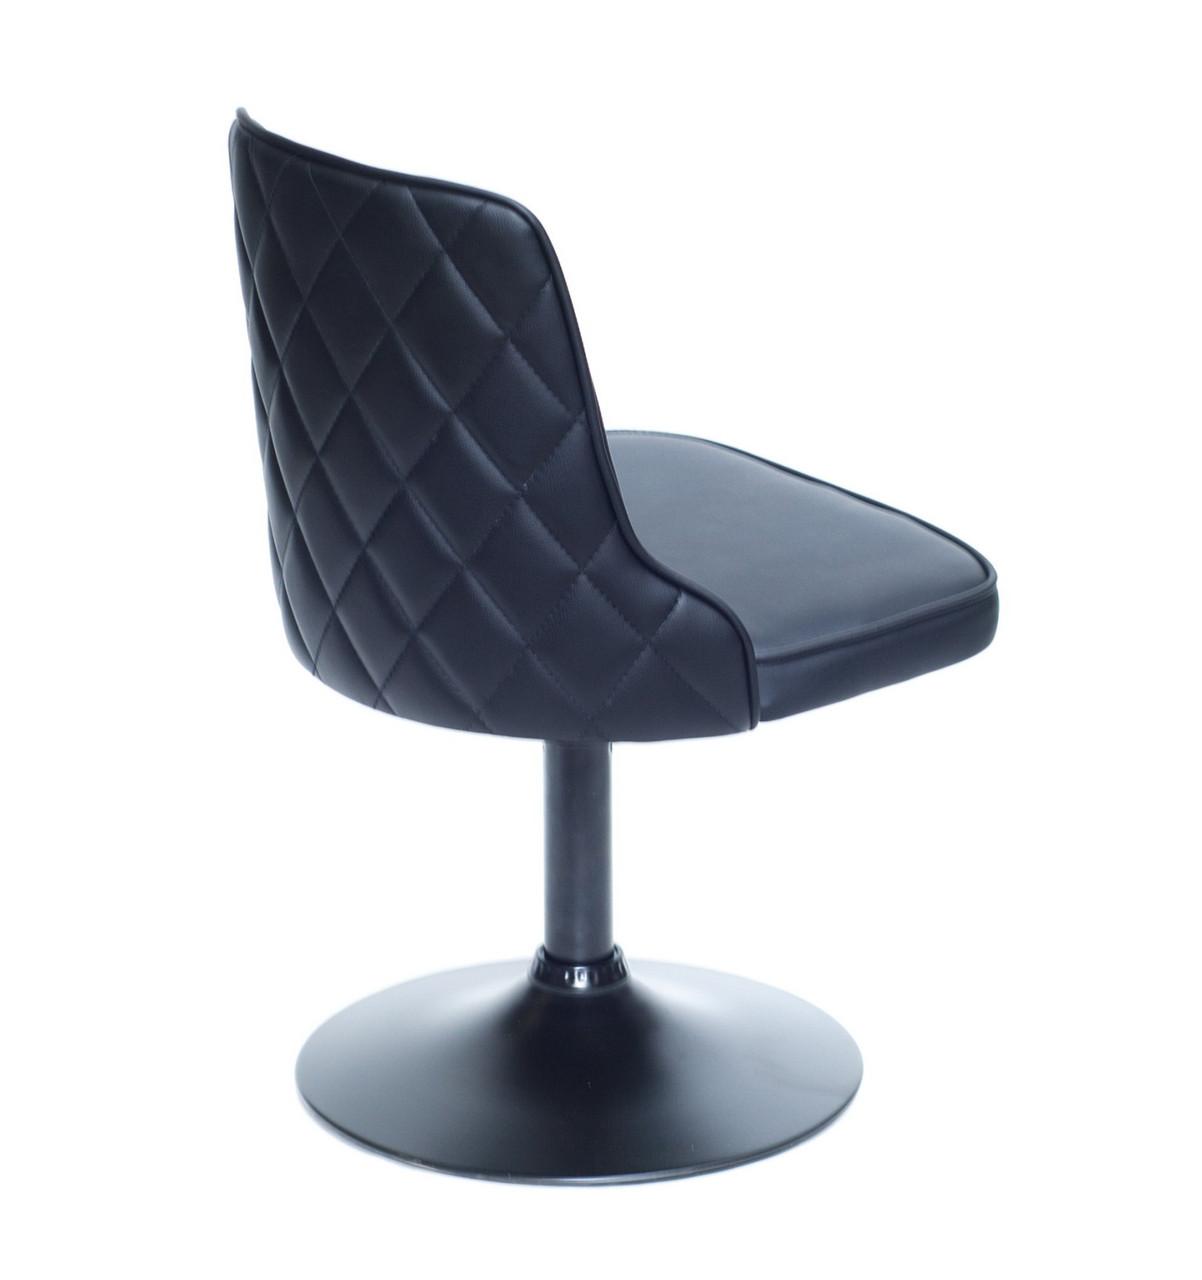 Кресло Адам ADAM ВК-BASE черная экокожа на черном блине, стеганная спинка